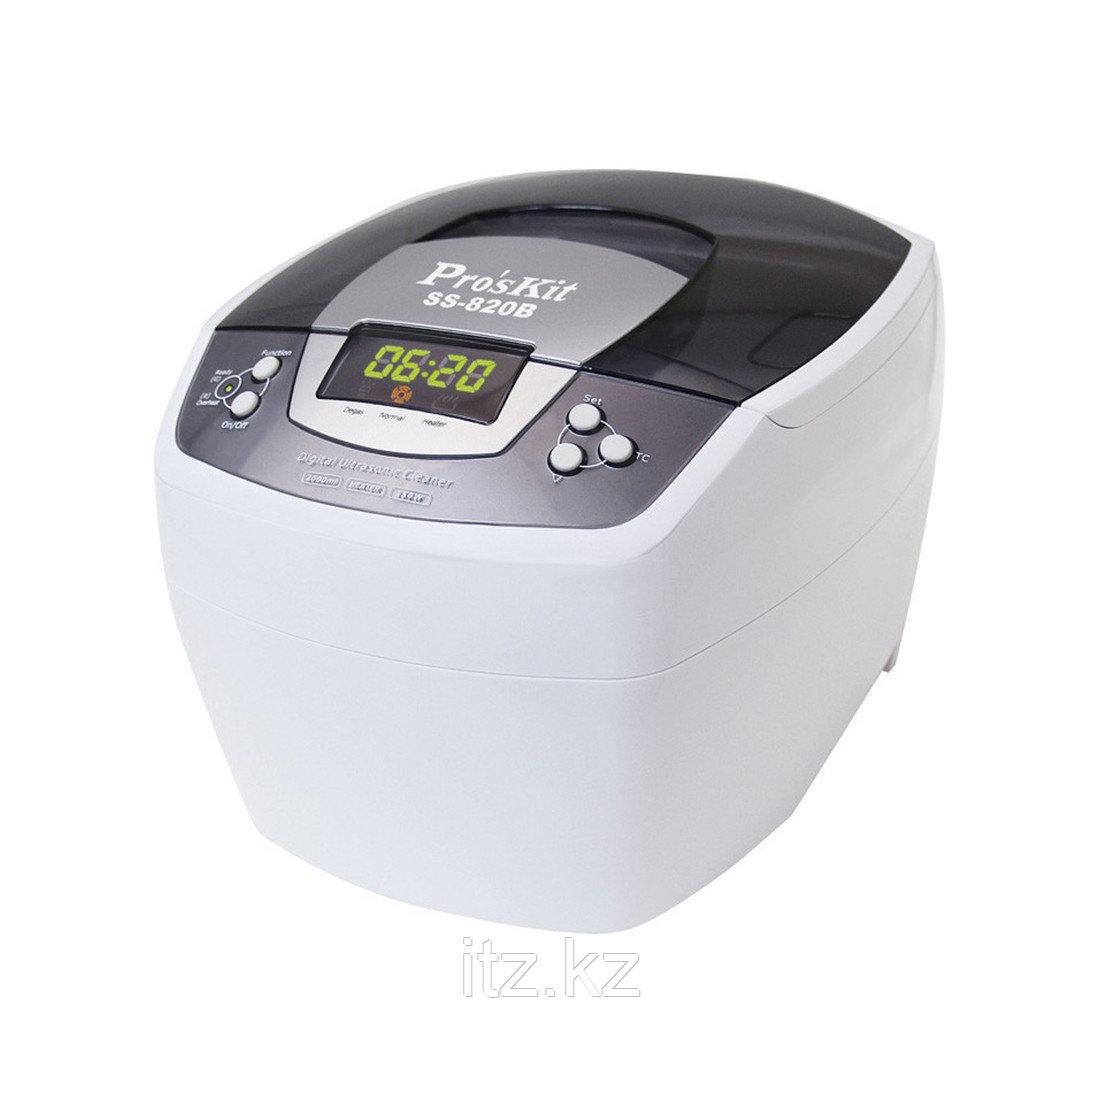 SS-820B Ультразвуковая ванна цифровая (160Вт,таймер,2000мл)  Pro'sKit